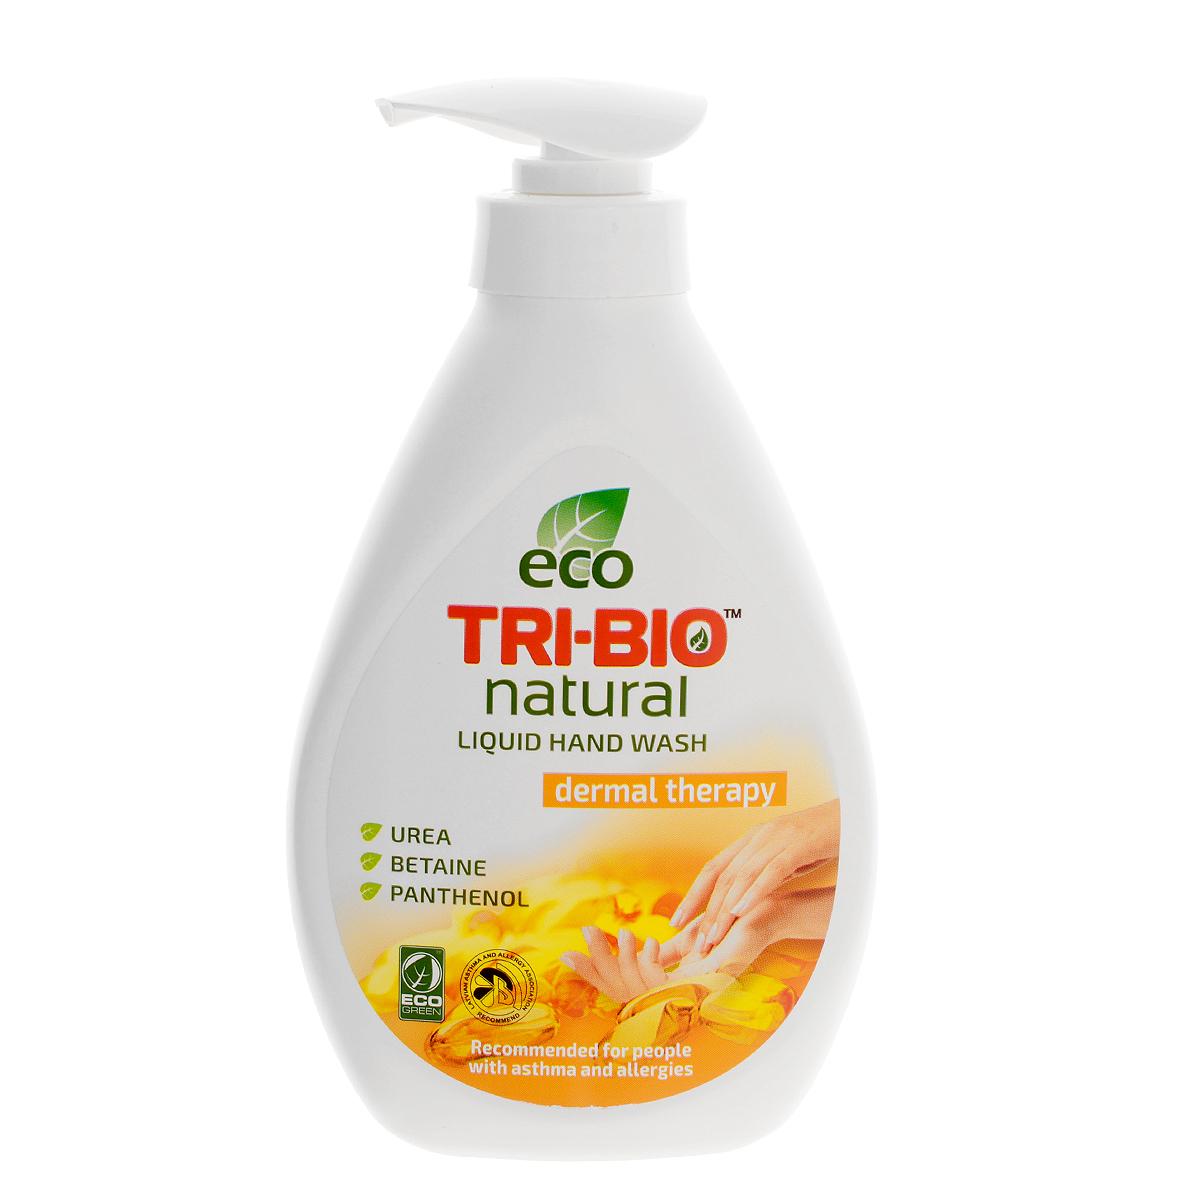 Натуральное жидкое эко-мыло Tri-Bio Дерматерапия, 240 млSatin Hair 7 BR730MNTri-Bio Дерматерапия - это уникальное жидкое мыло, основанное на натуральных растительных и минеральных компонентах, с фармацевтической урея, бетаином, пантенолом и лактатом, активно исцеляет и регенерирует сухую и раздраженную кожу. Подходит для нежной кожи детей. Рекомендовано для людей с сухой, чувствительной кожей, склонных к аллергиям и астме.Гипоаллергенное, не содержит ароматов, красителей и парабенов, нейтральный рн, биоразлагаемое. Восстанавливает естественный баланс кожи и влажность. Помогает сохранить кожу мягкой, гладкой, шелковистой и здоровой. Присвоены ECO сертификаты.